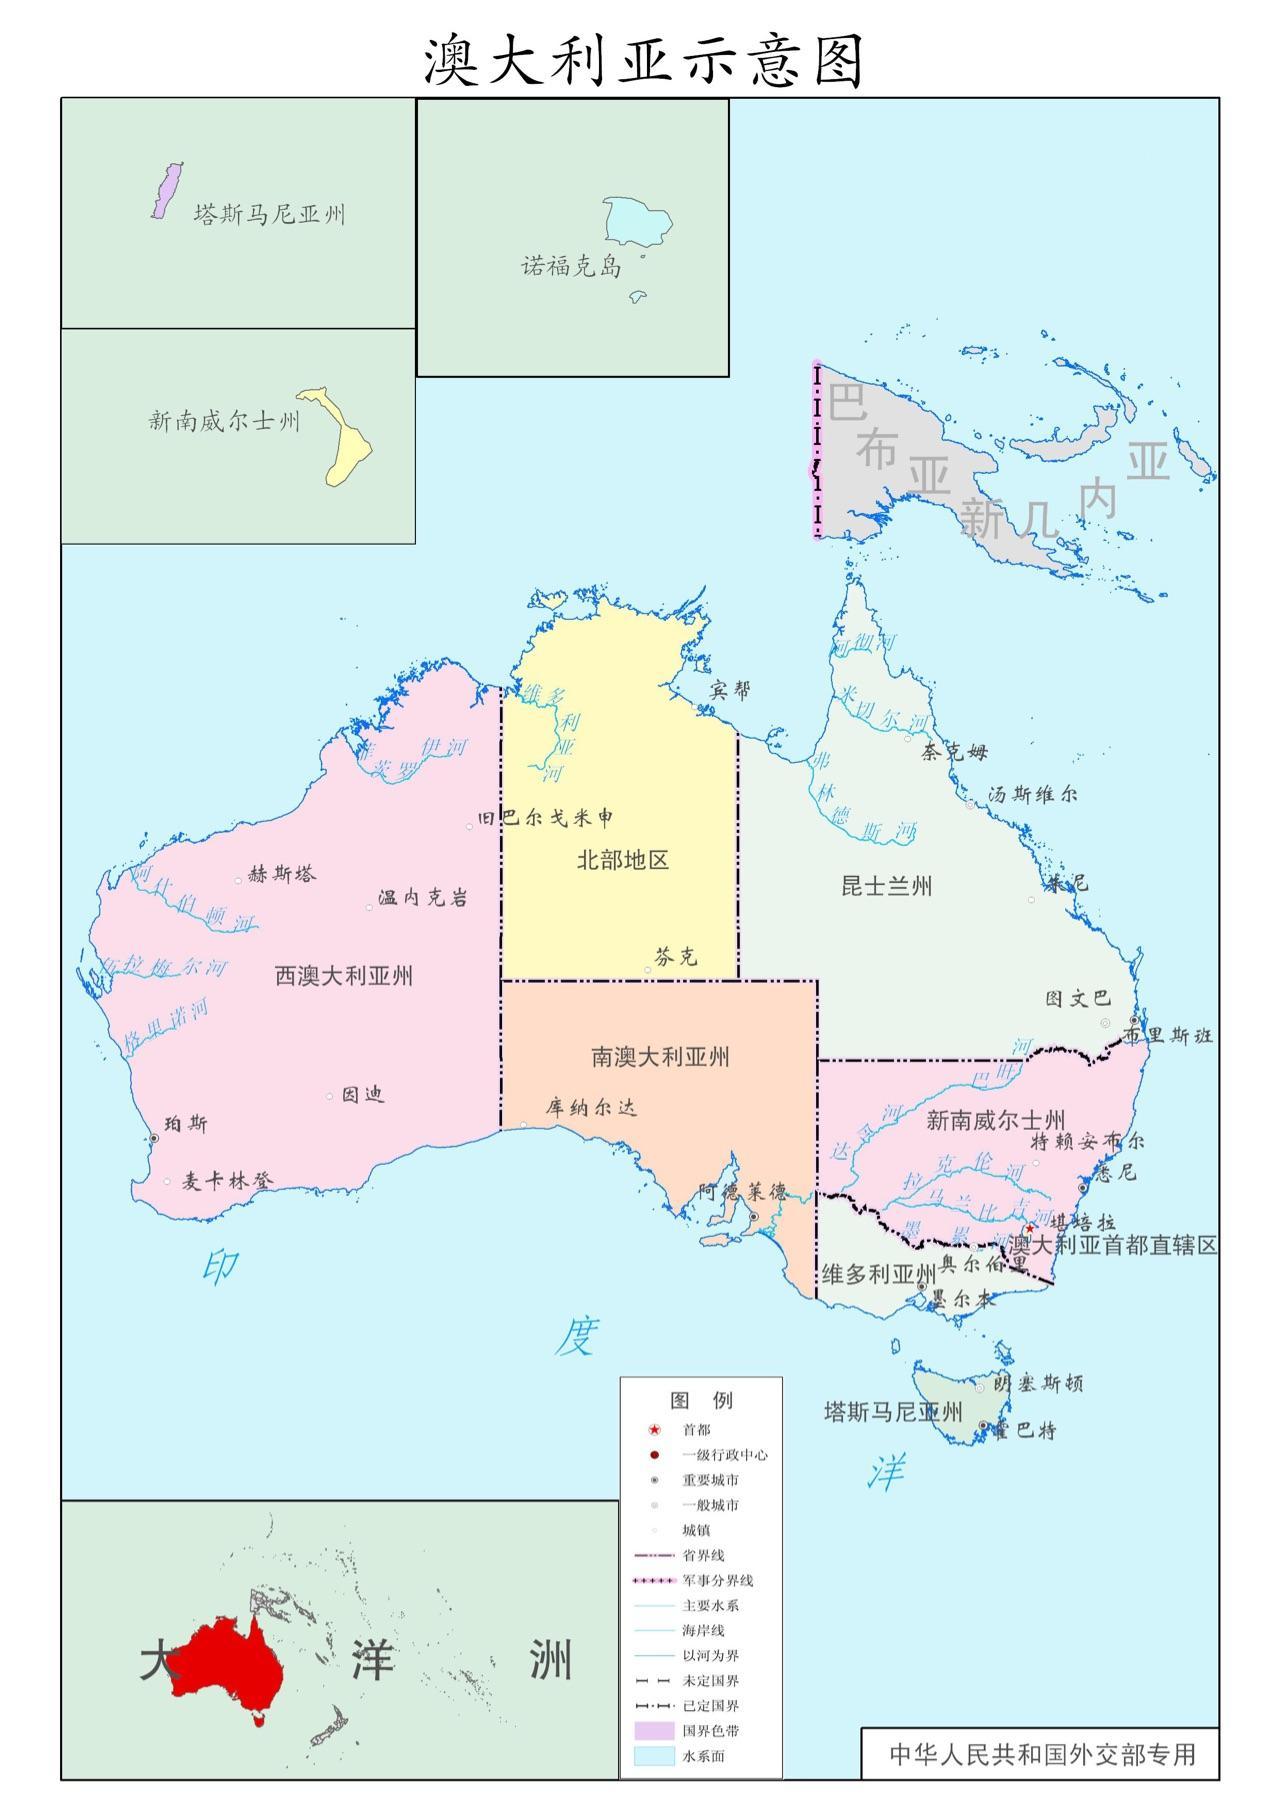 德国人_高清地图整理   世界地图,各国行政区划图(俄罗斯,加拿大 ...